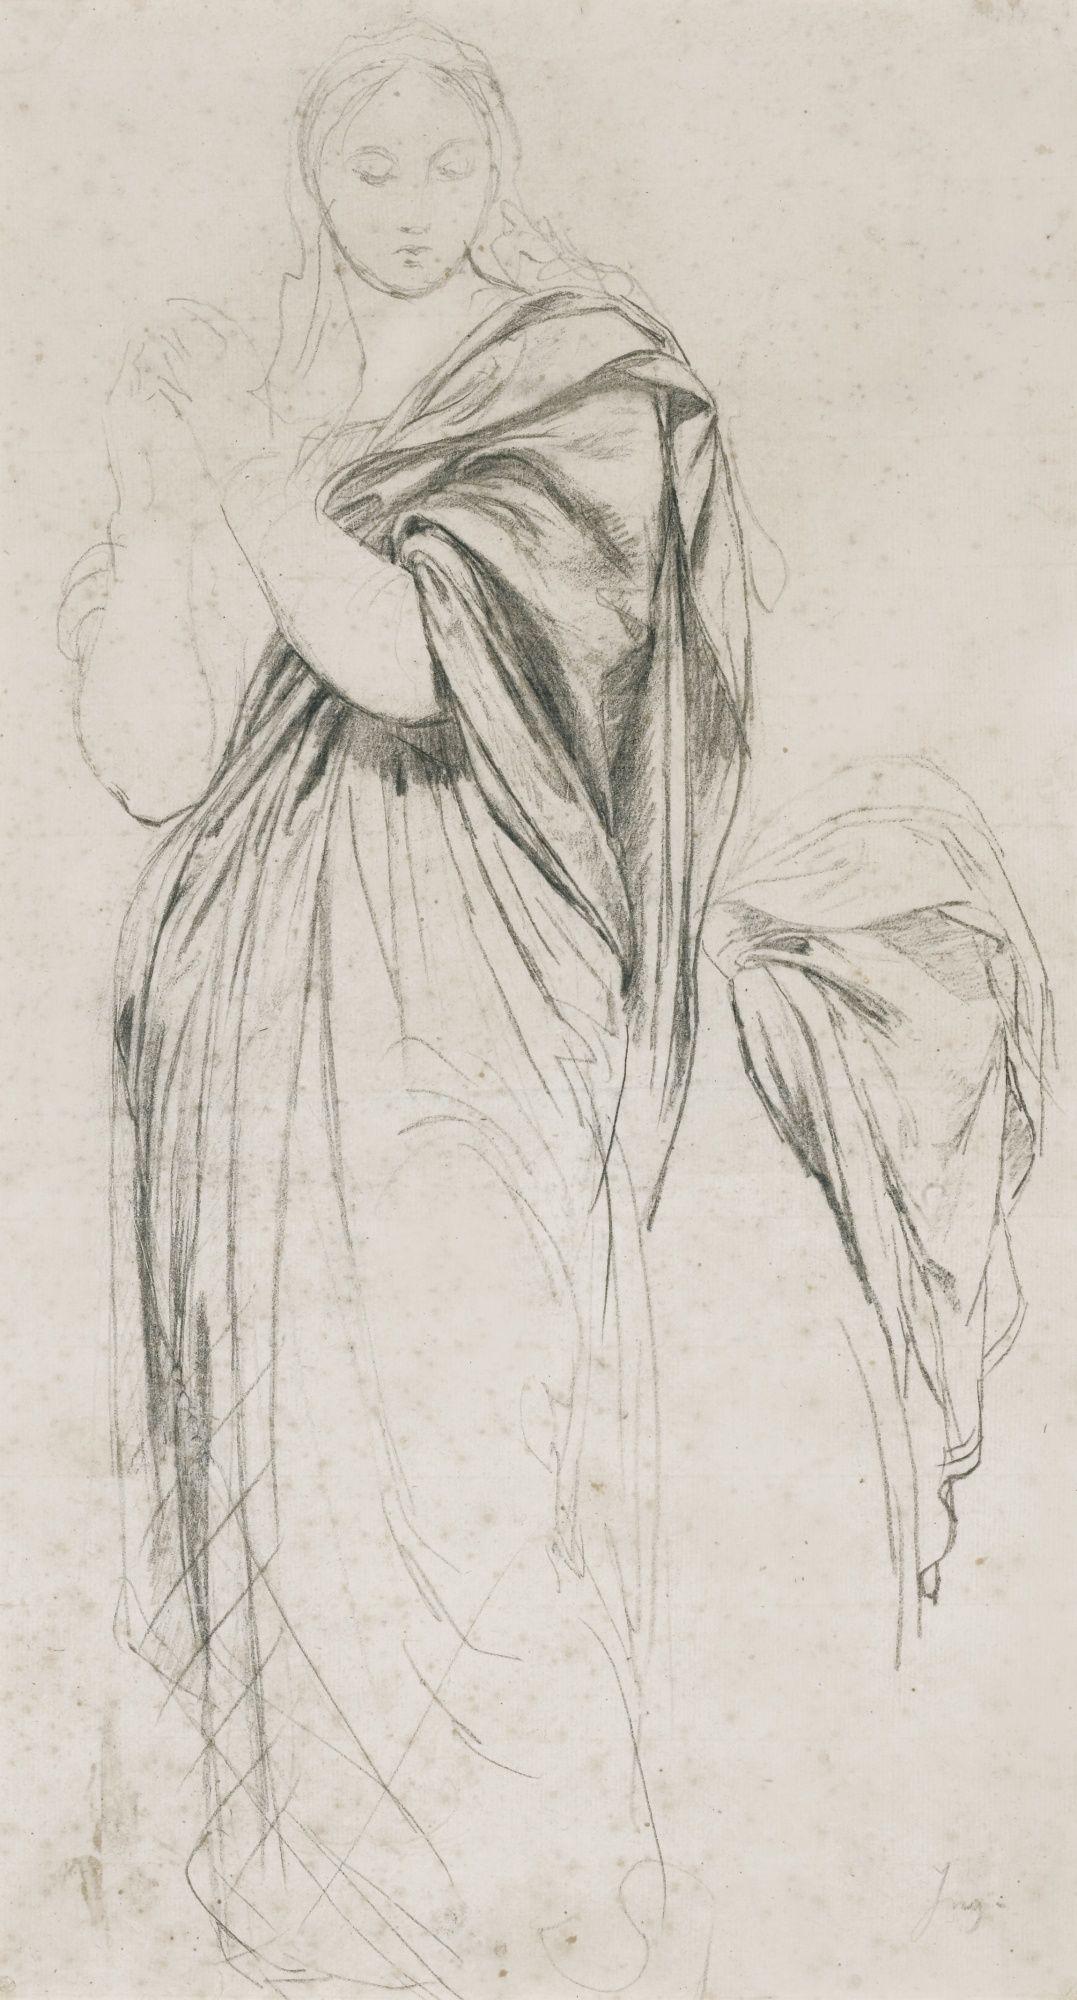 Etude préliminaire pour le Vœu de Louis XIII, 45,5 x 25,4 cm, craie noire